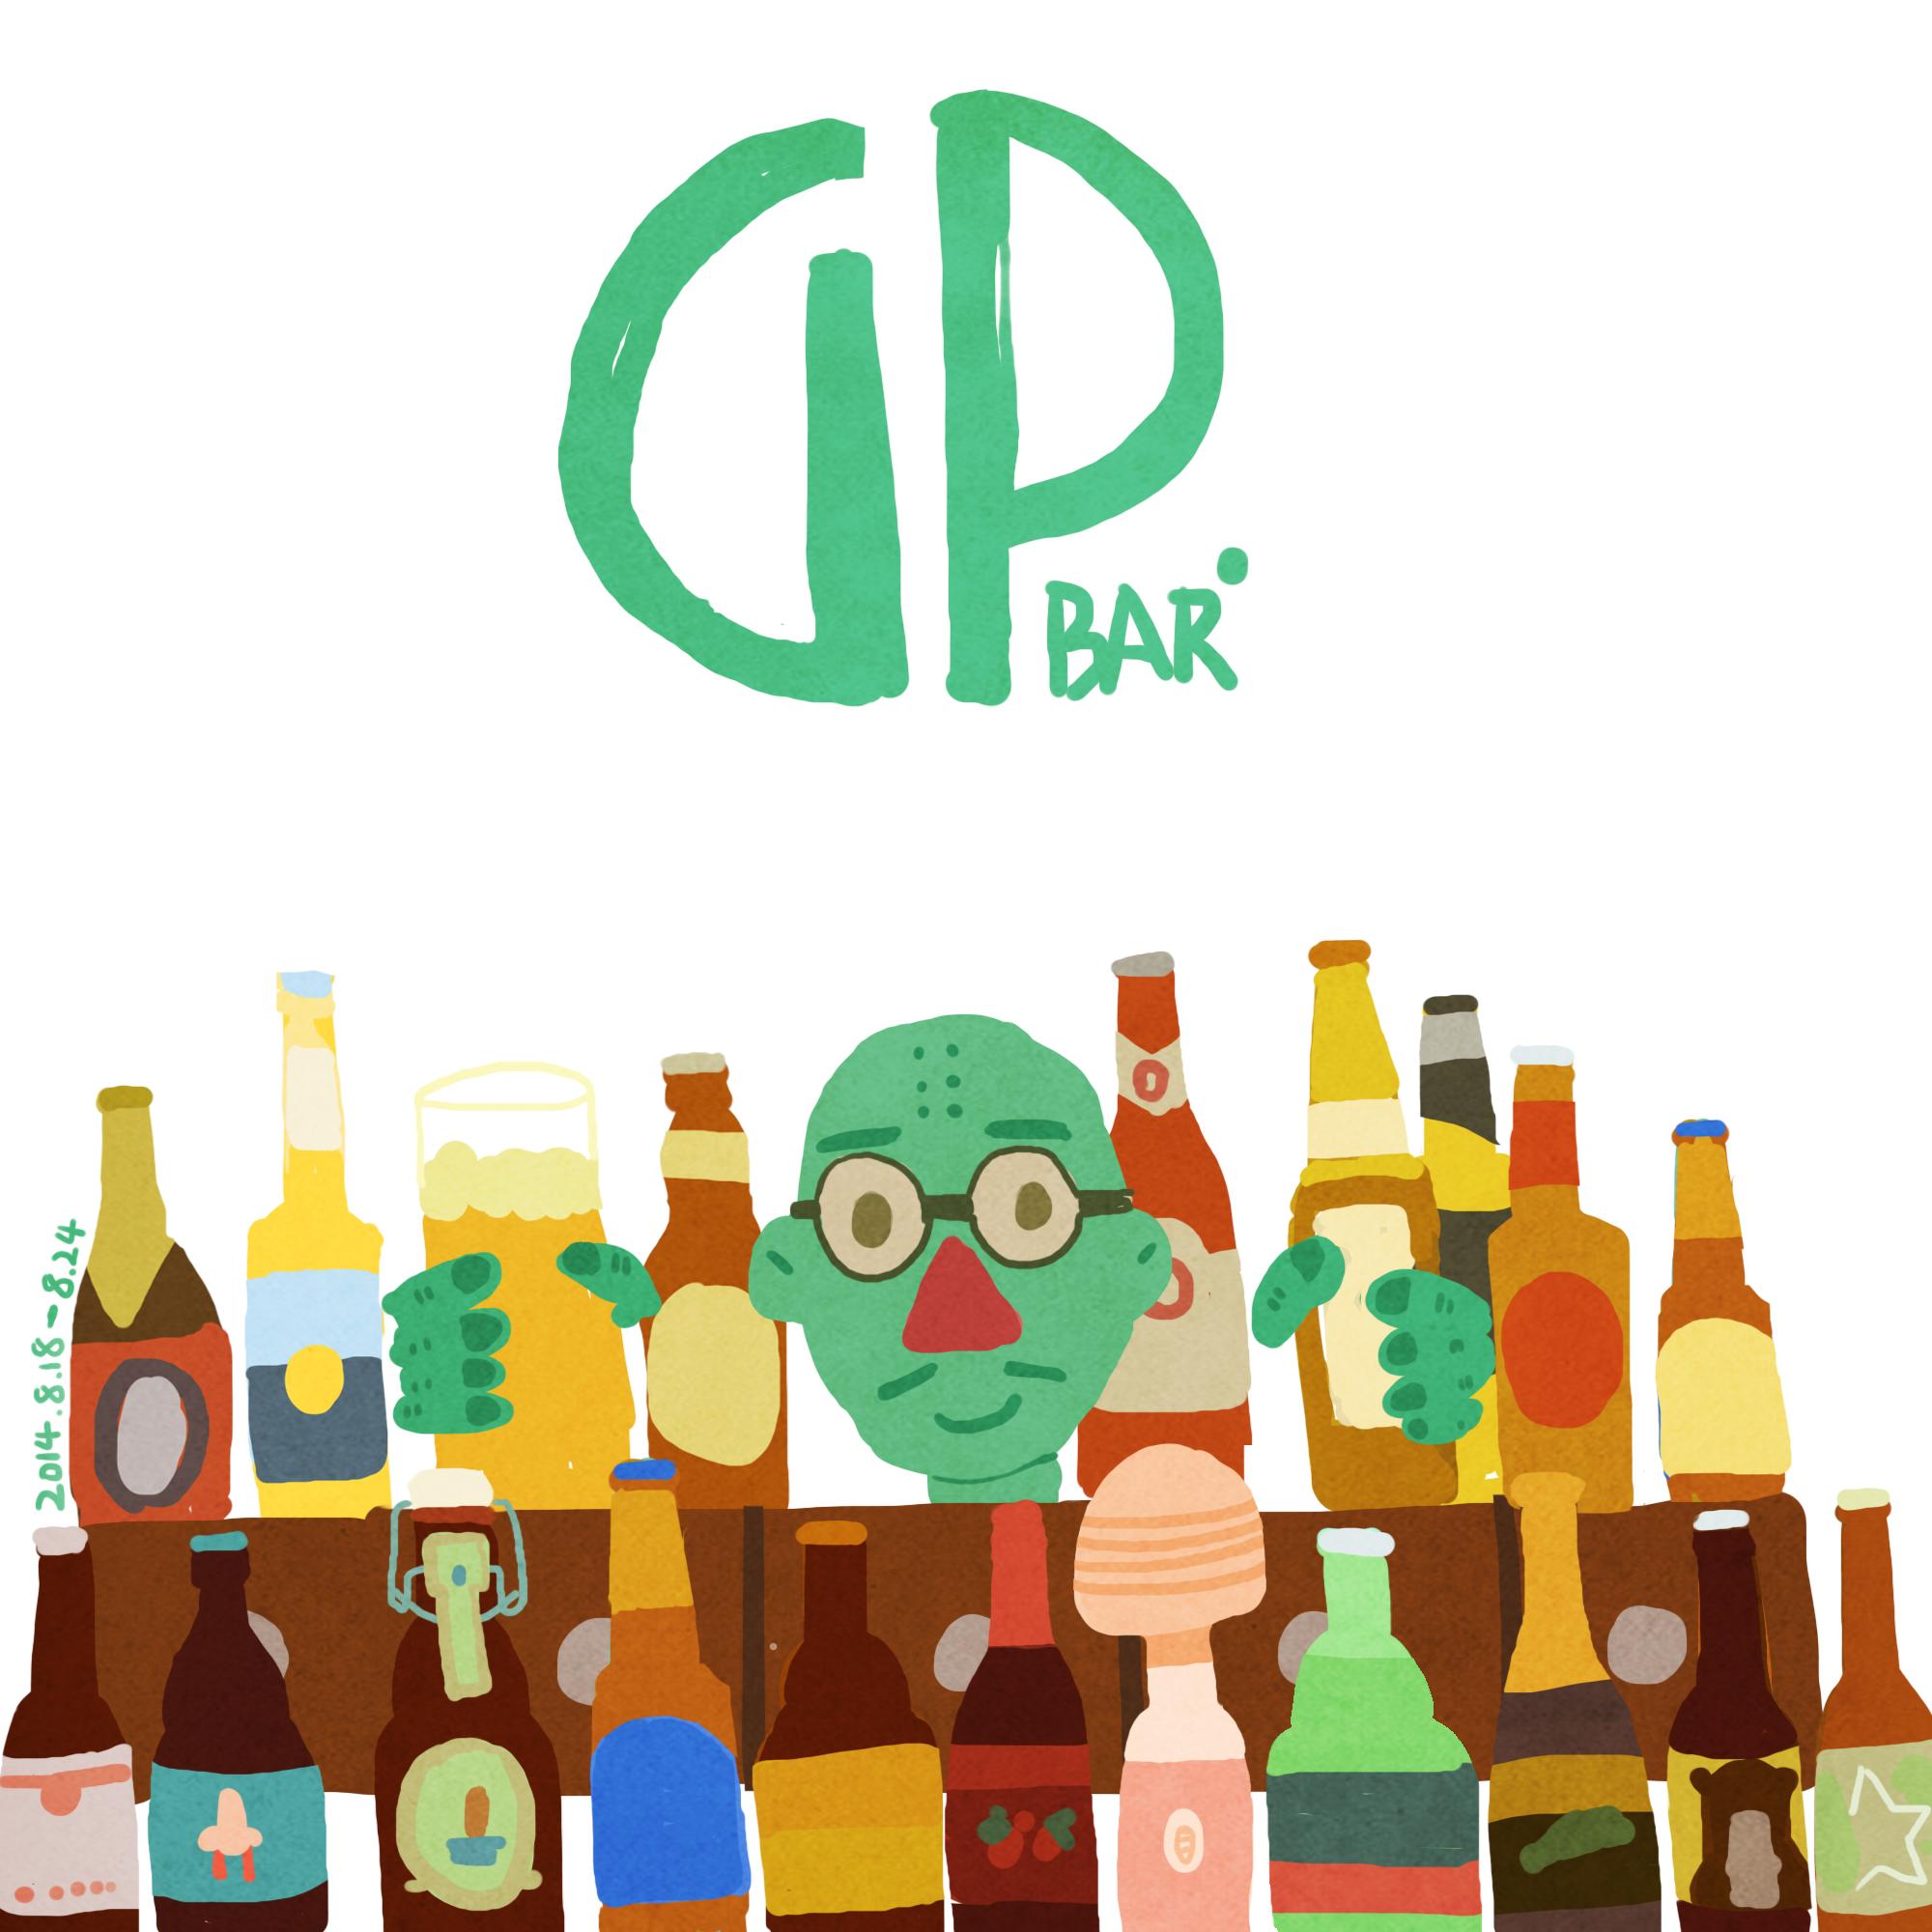 色食品店名_朋友开的酒吧,名字叫 绿色皮卡酒馆 .